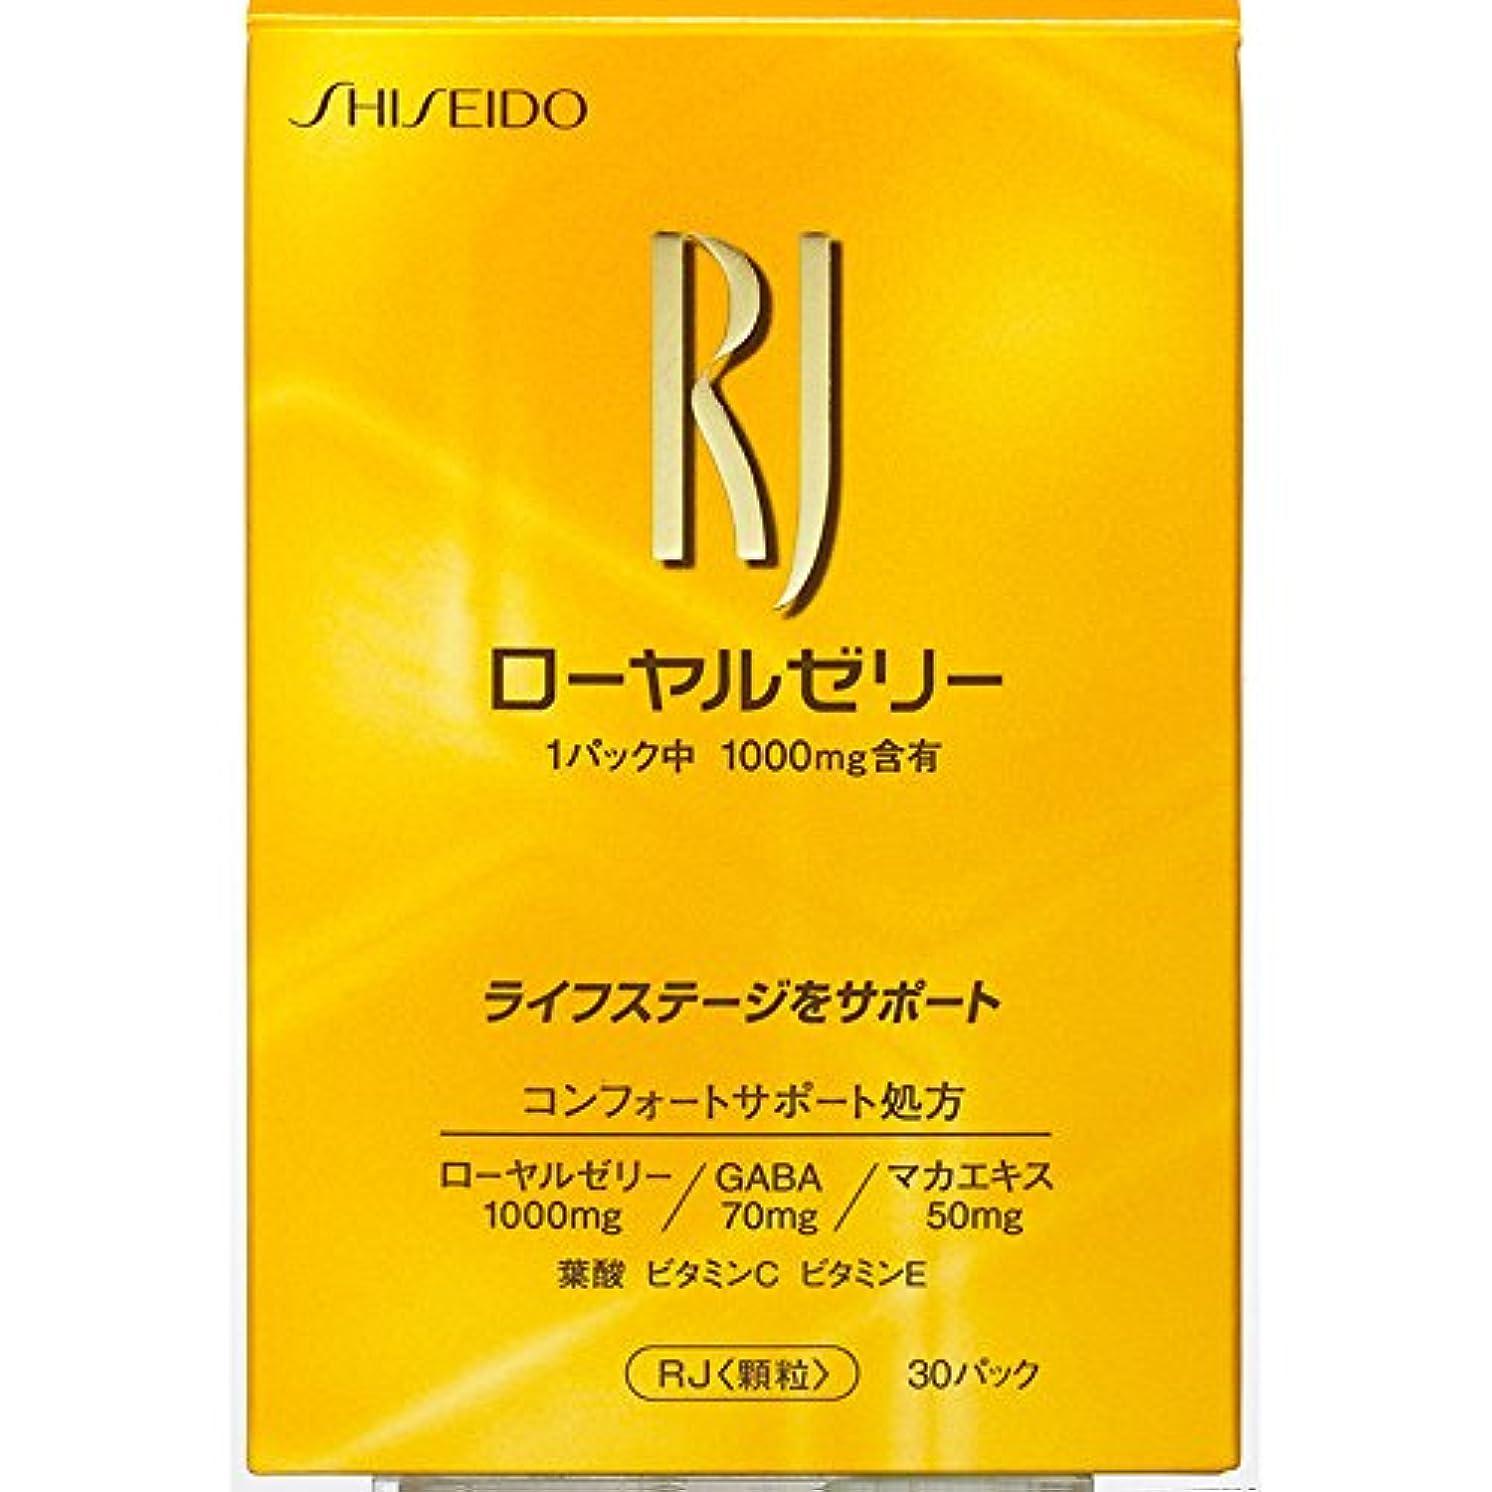 ペイント電気陽性望ましいRJ(ローヤルゼリー) < 顆粒 > (N) 1.5gX30パック